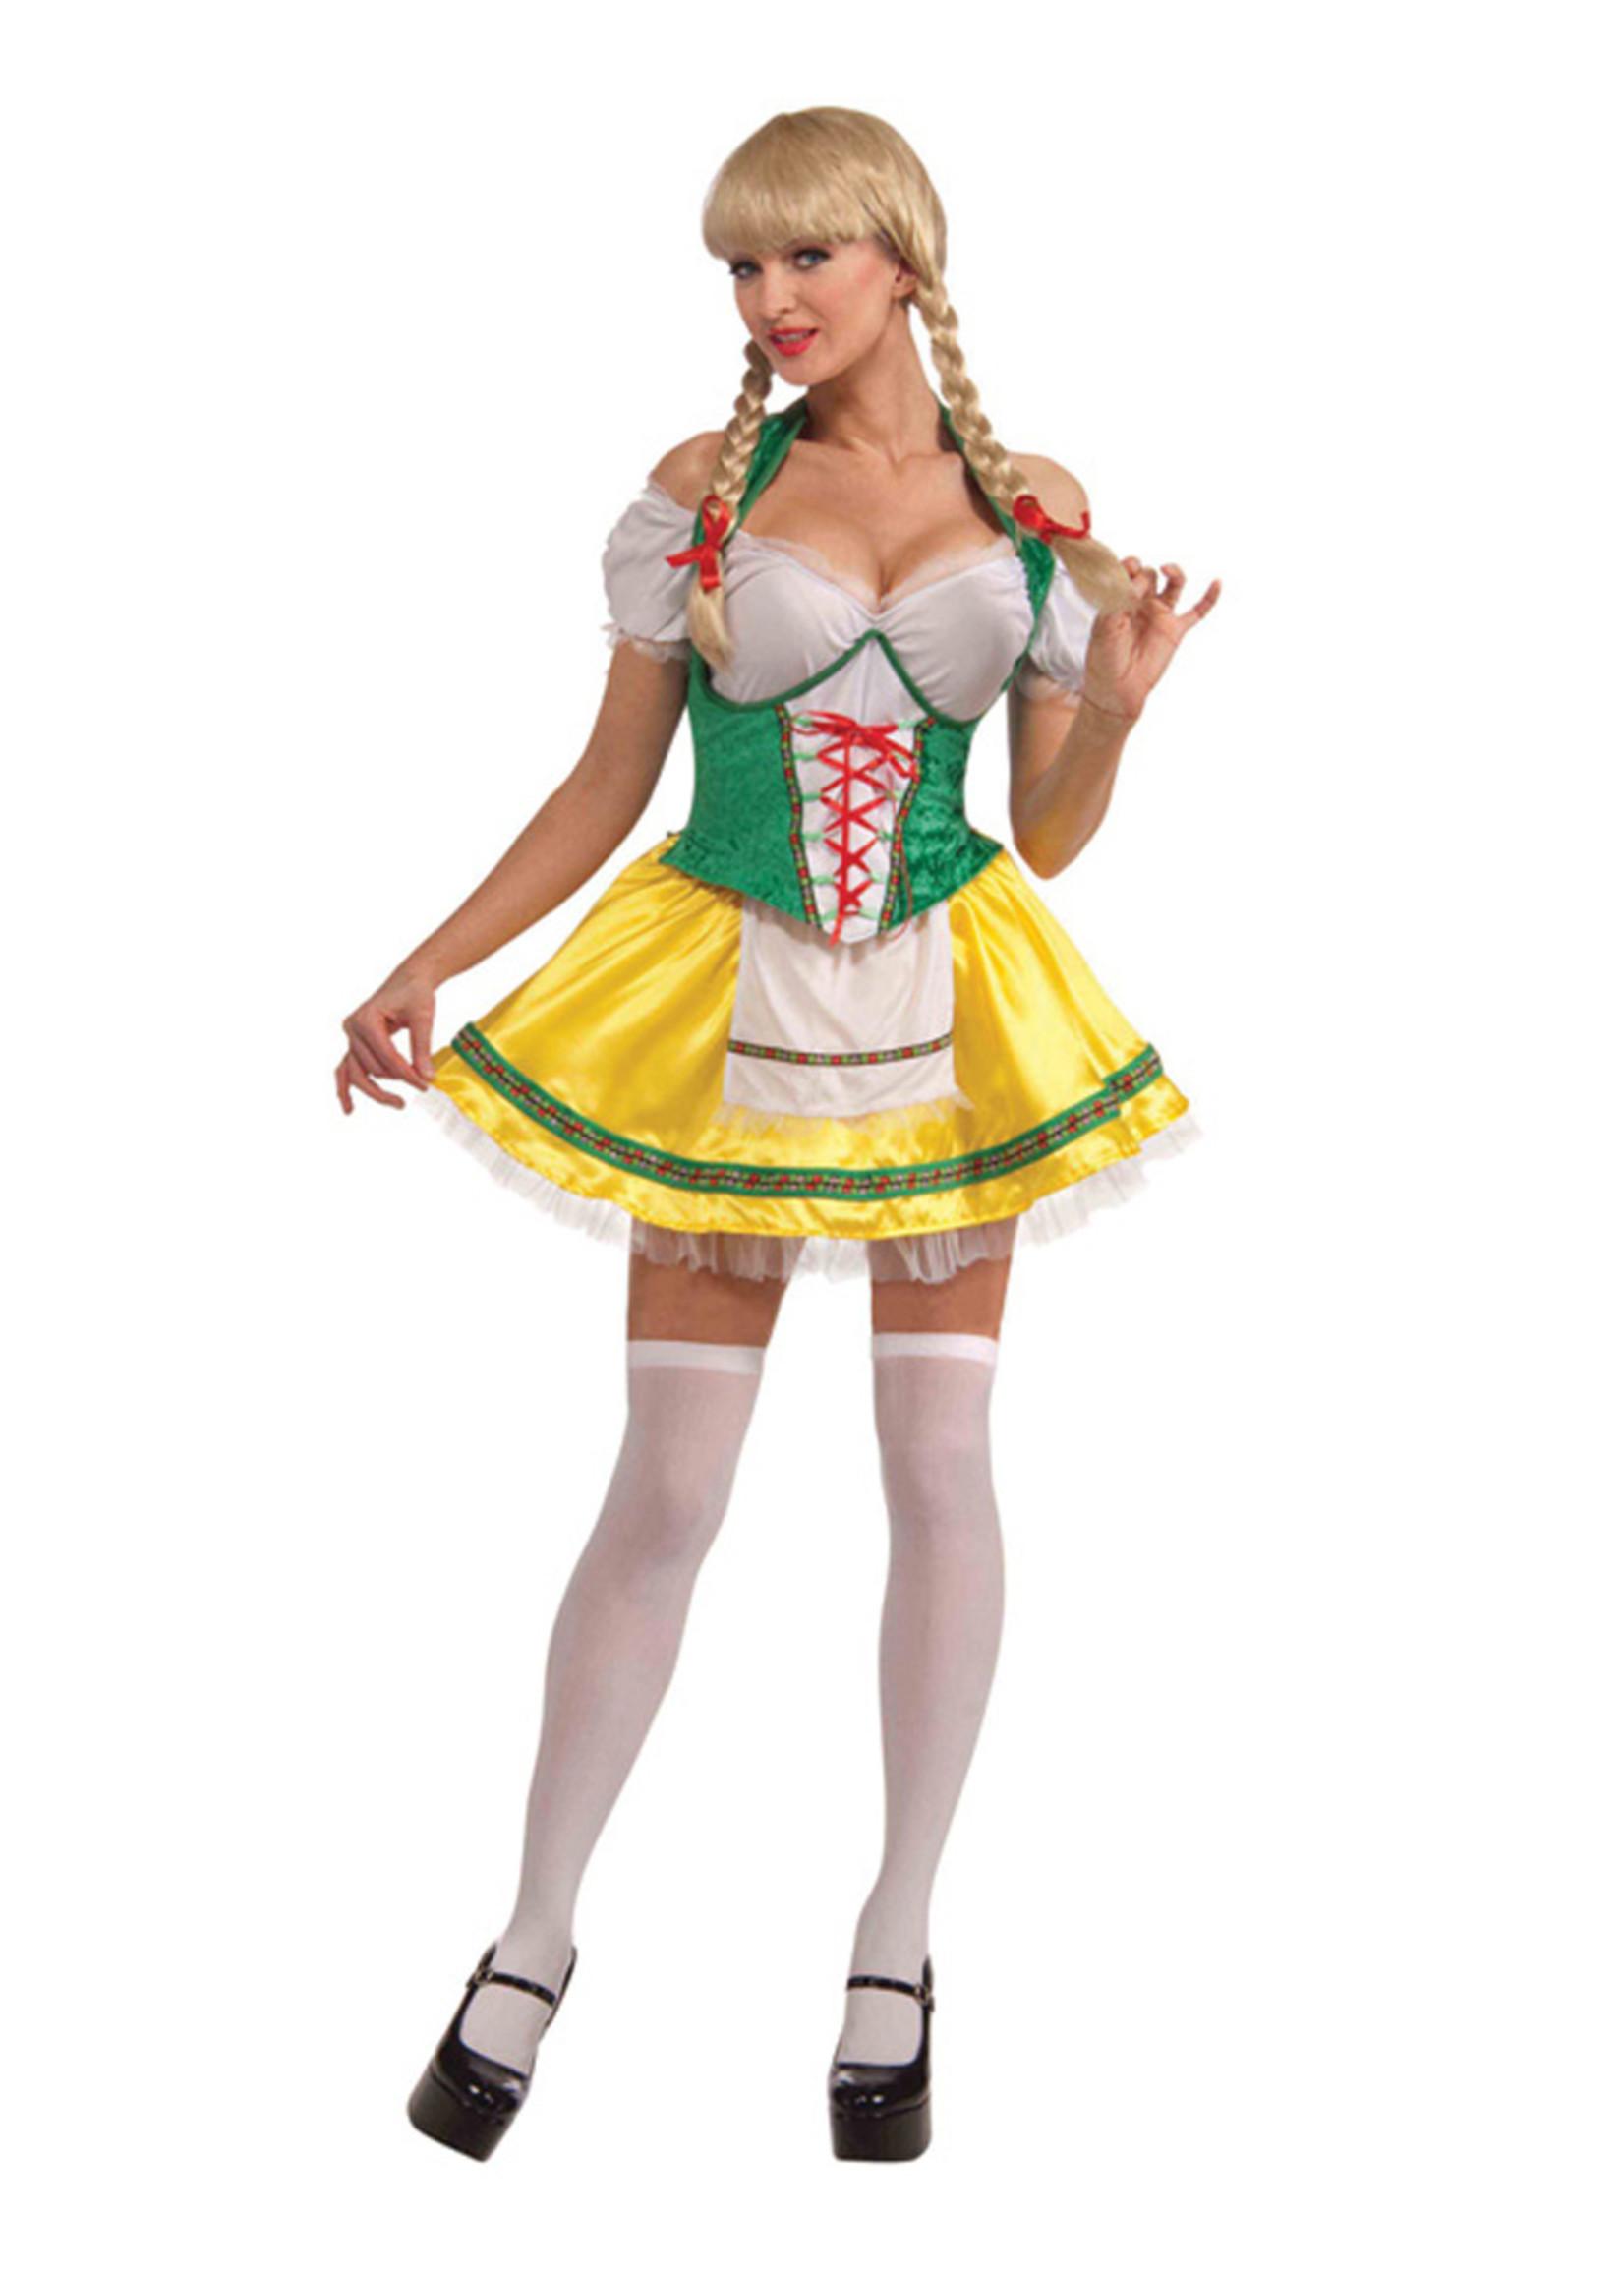 Beer Garden Girl Costume - Women's